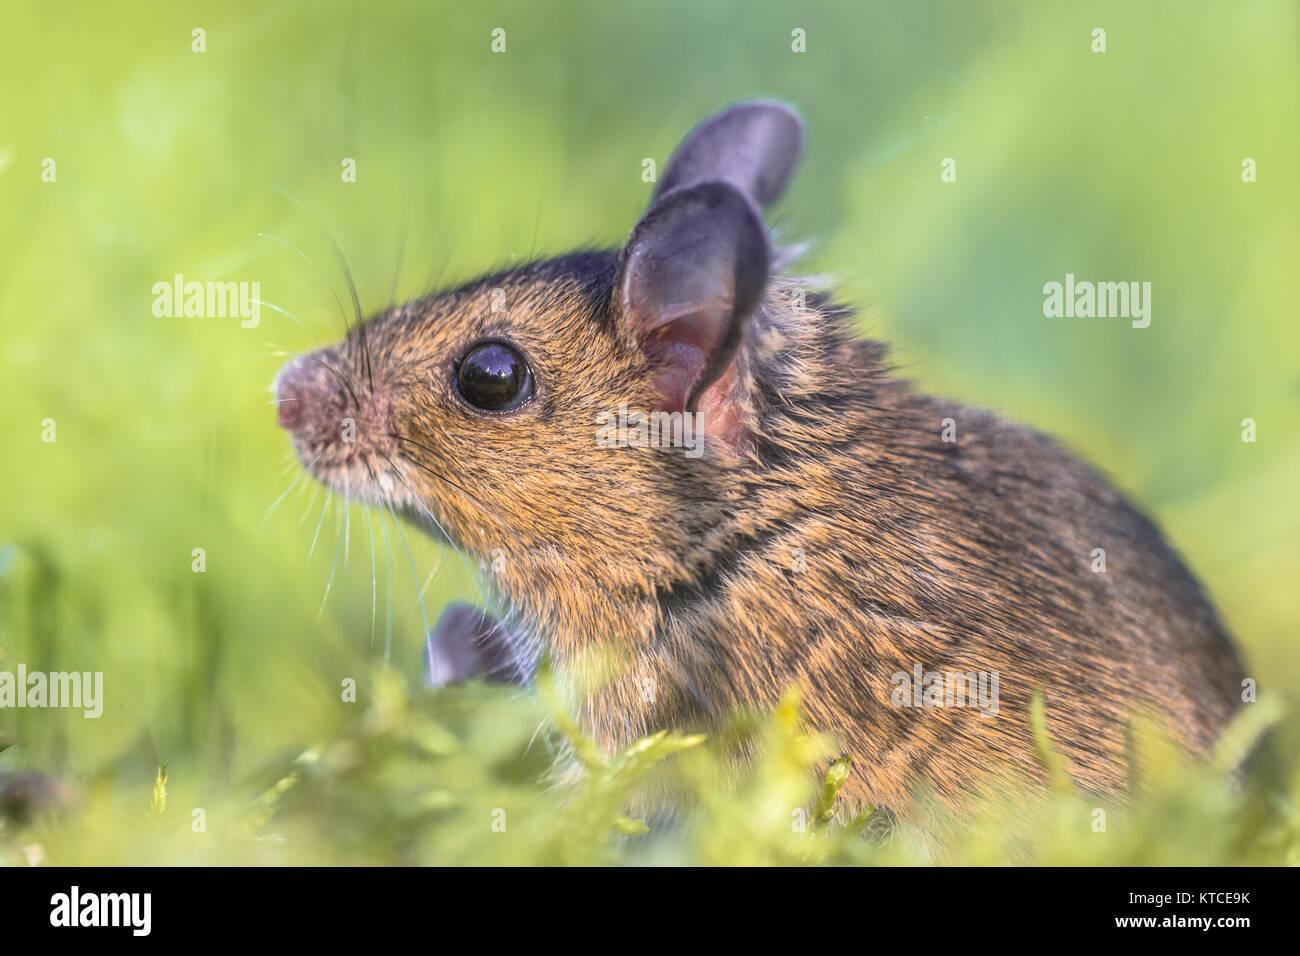 Cabeza de madera lindo mouse (Apodemus sylvaticus) llegando de musgo verde entorno natural Foto de stock